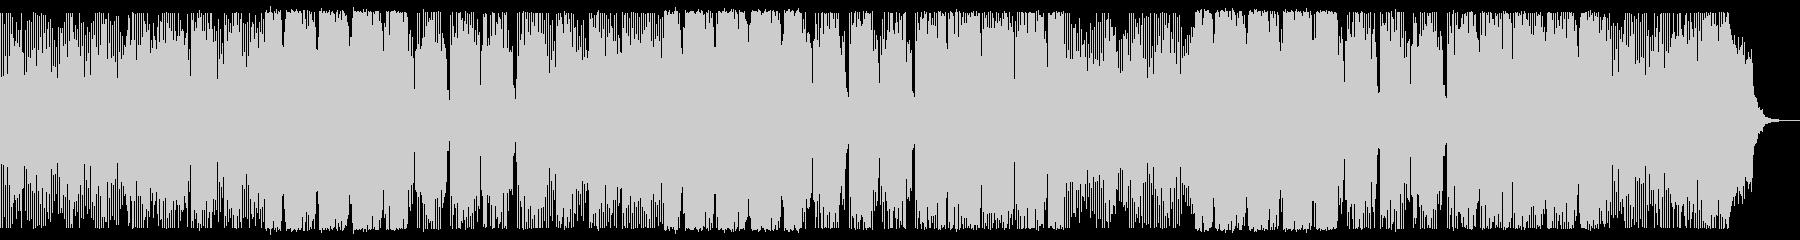 デジタルチックでダークなBGMの未再生の波形